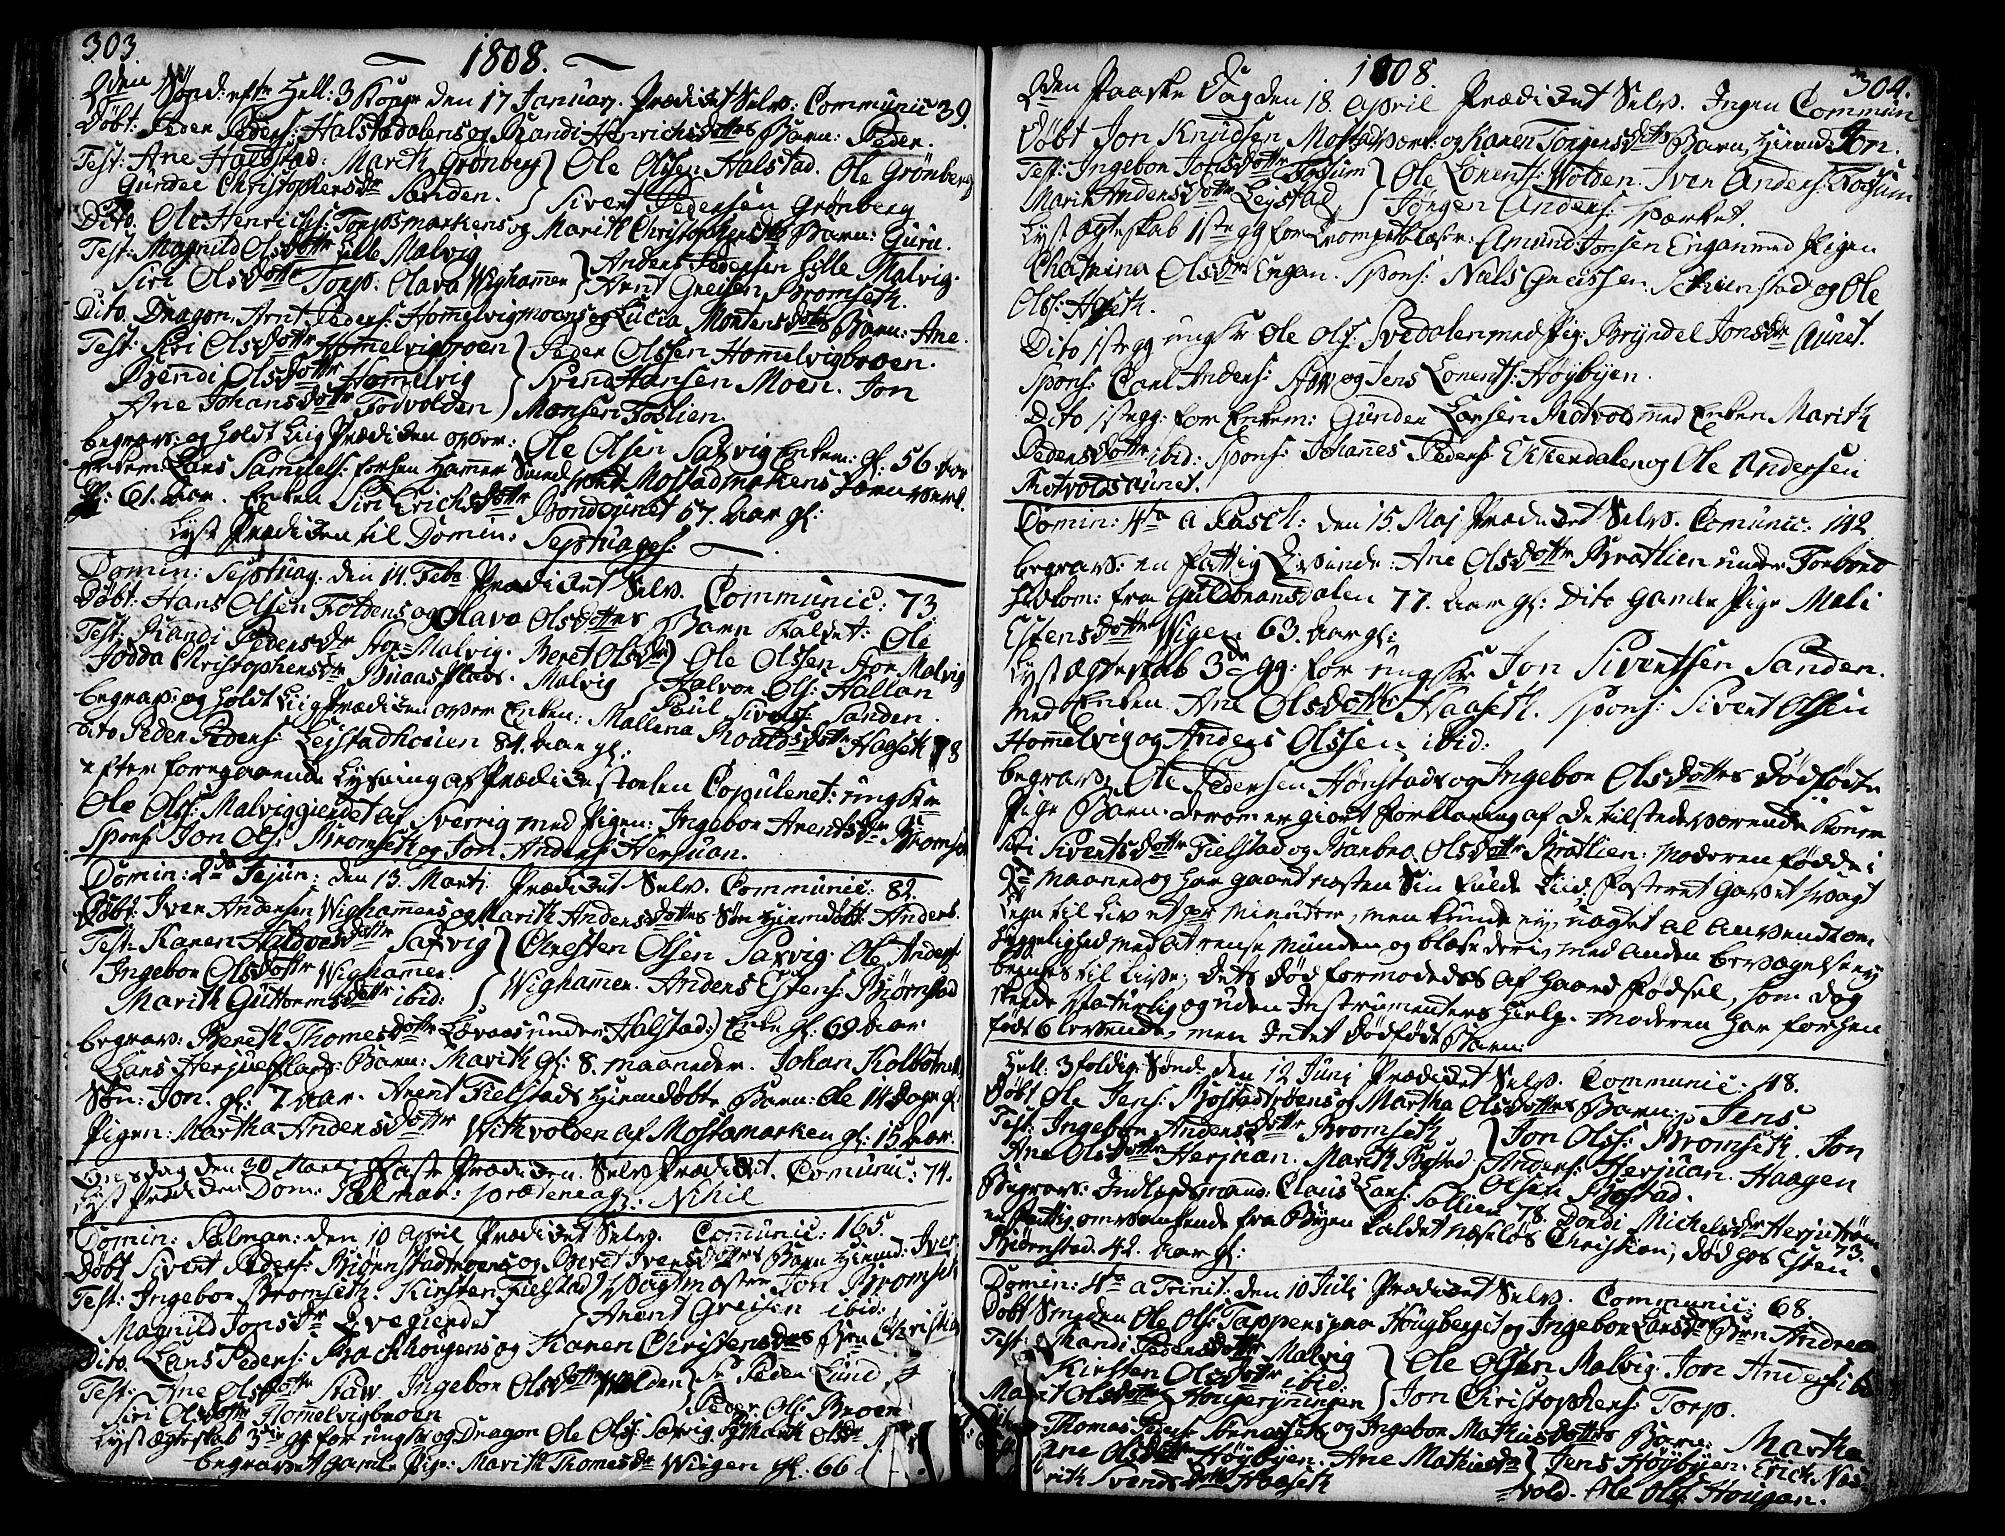 SAT, Ministerialprotokoller, klokkerbøker og fødselsregistre - Sør-Trøndelag, 606/L0281: Ministerialbok nr. 606A02 /2, 1781-1817, s. 303-304